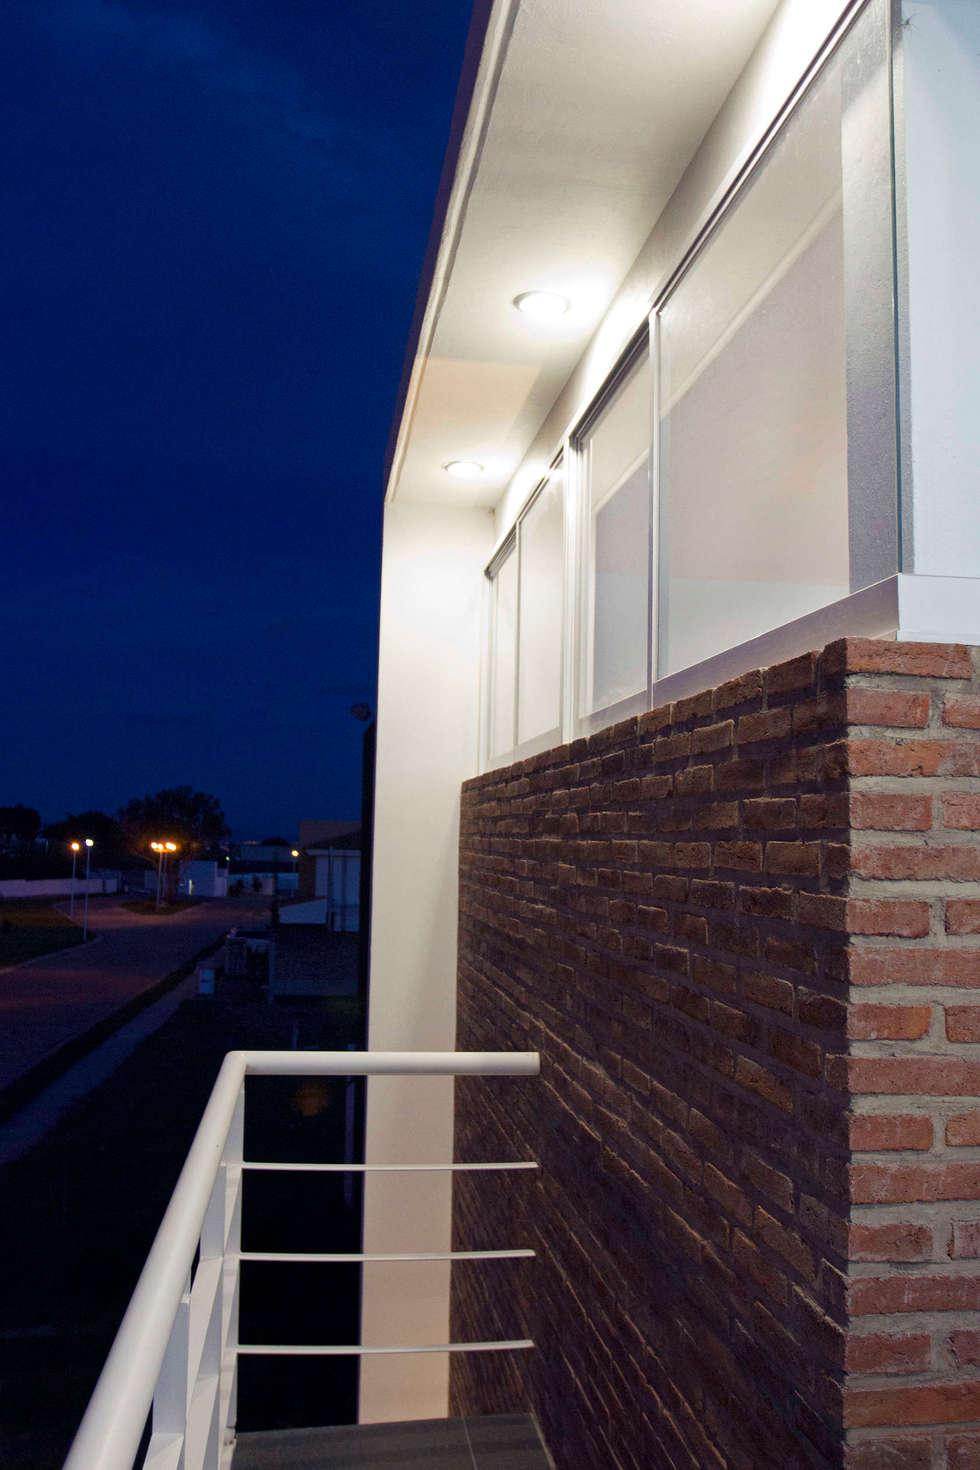 Balcon con muro de ladrillo aparente: Terrazas de estilo  por Bojorquez Arquitectos SA de CV